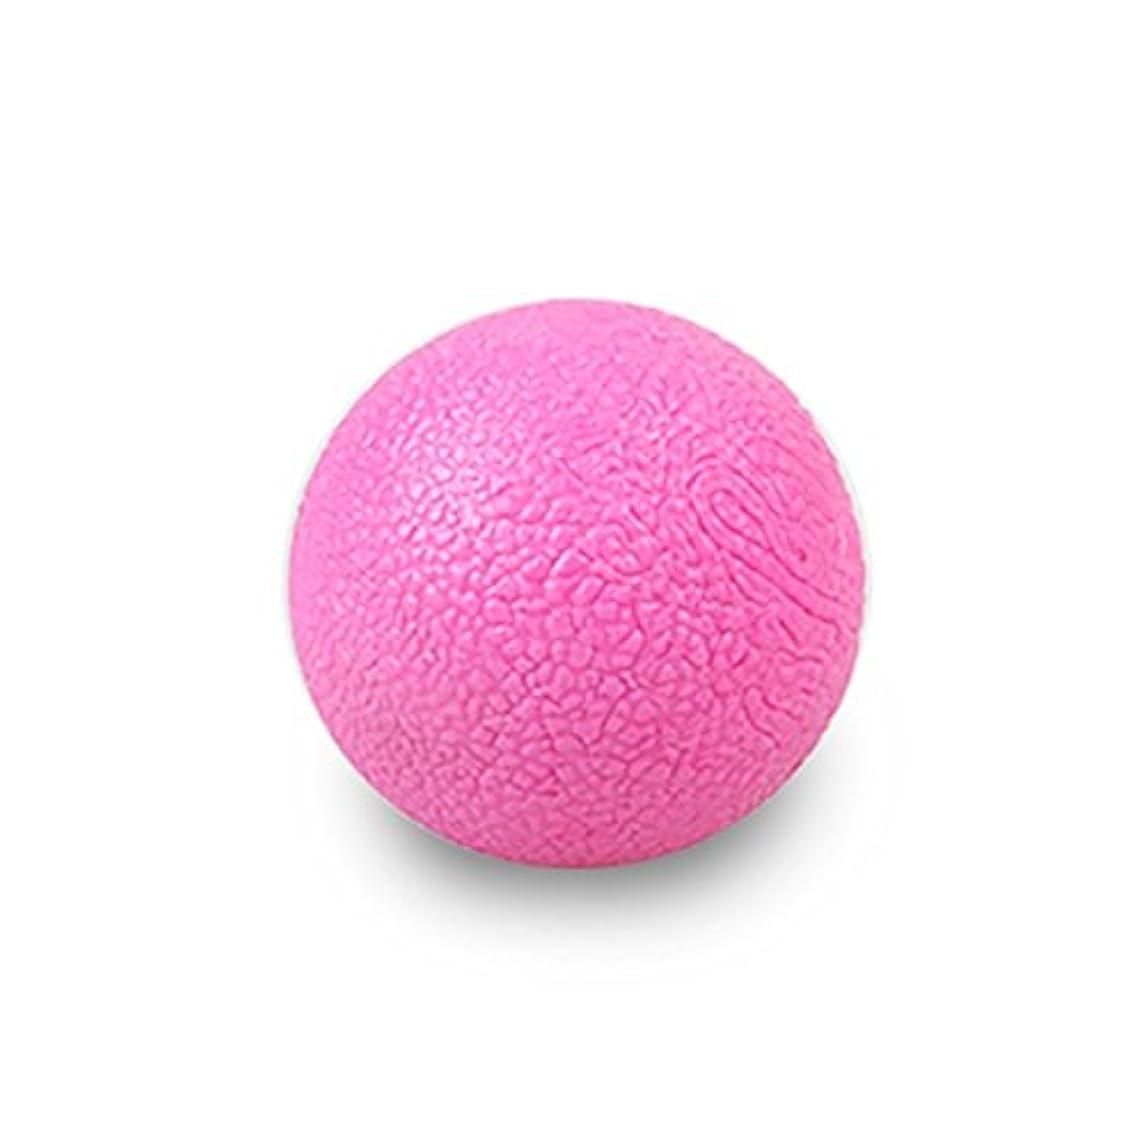 ヒープつまらないワーディアンケースShape Up UPnShape ミニ マッサージ ボール (4.7 インチ)/ストレッチ、ヨガ リハビリテーション腰痛首 (ピンク)